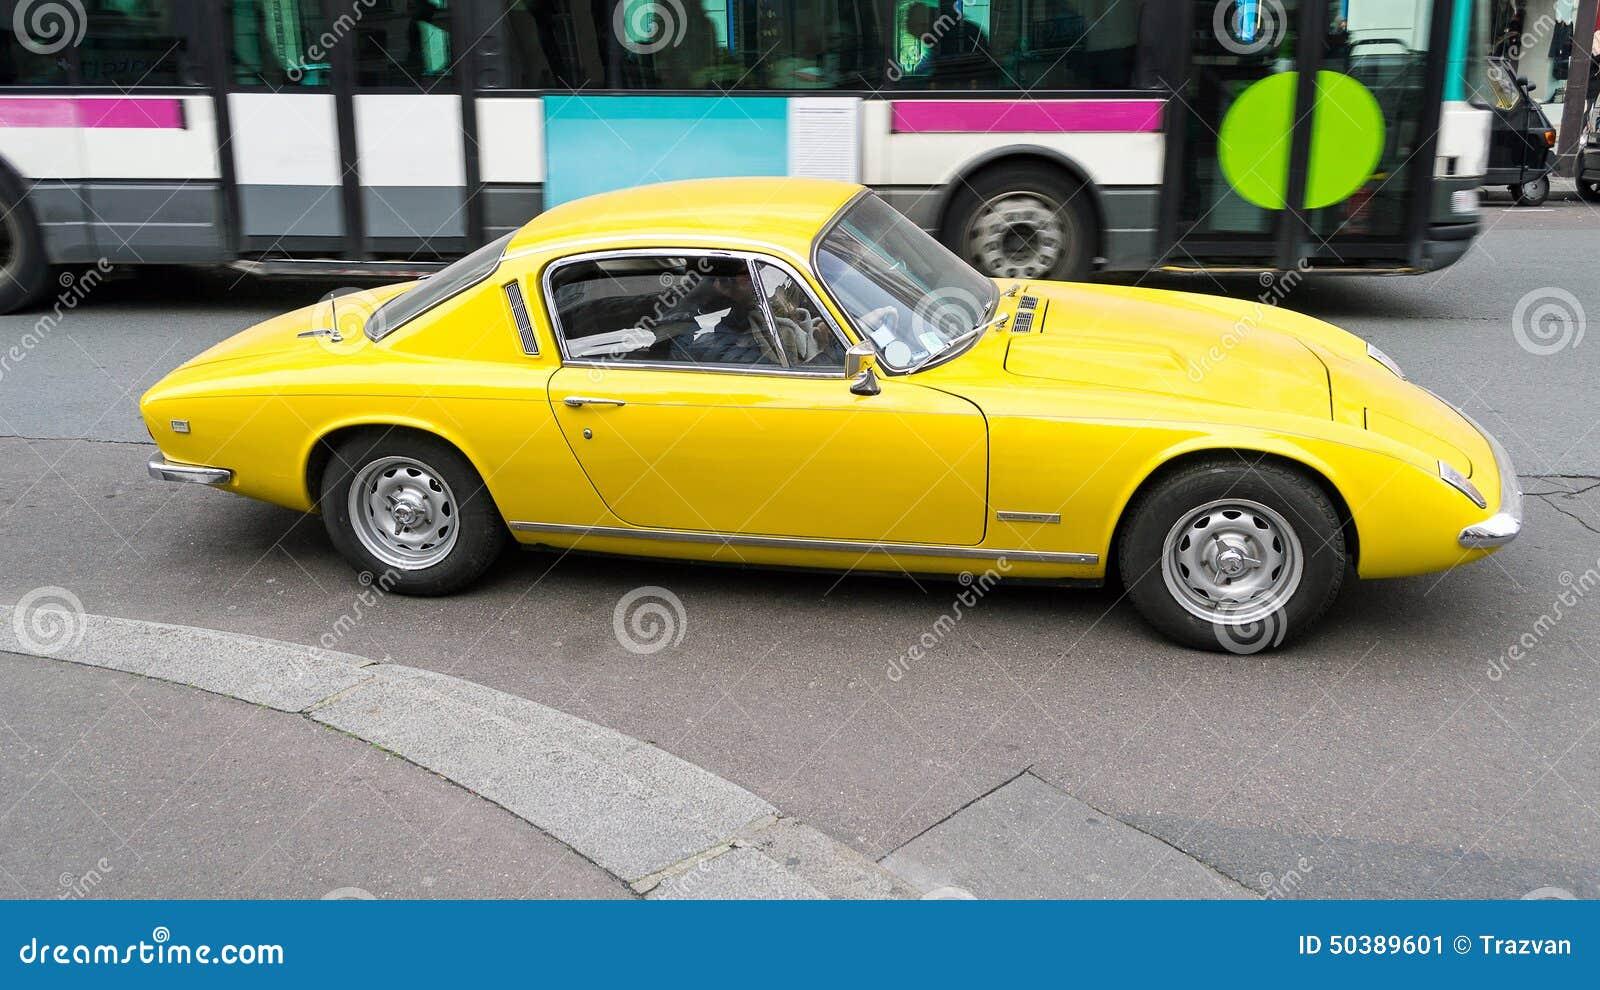 Lotus Elan 1974 +2